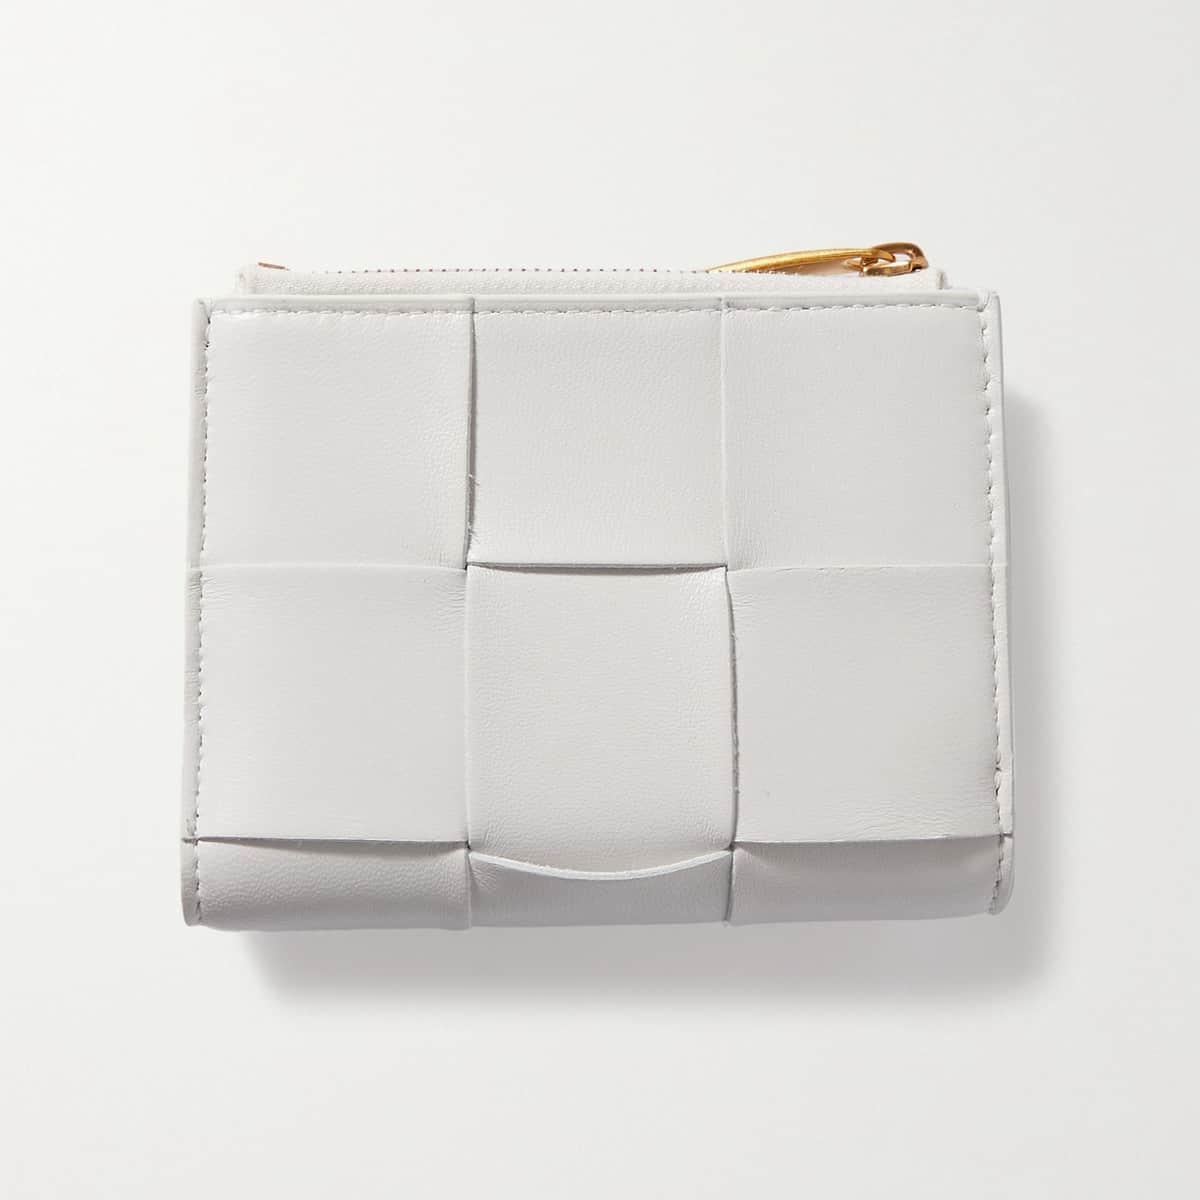 Bottega Veneta Cassette Leather Wallet